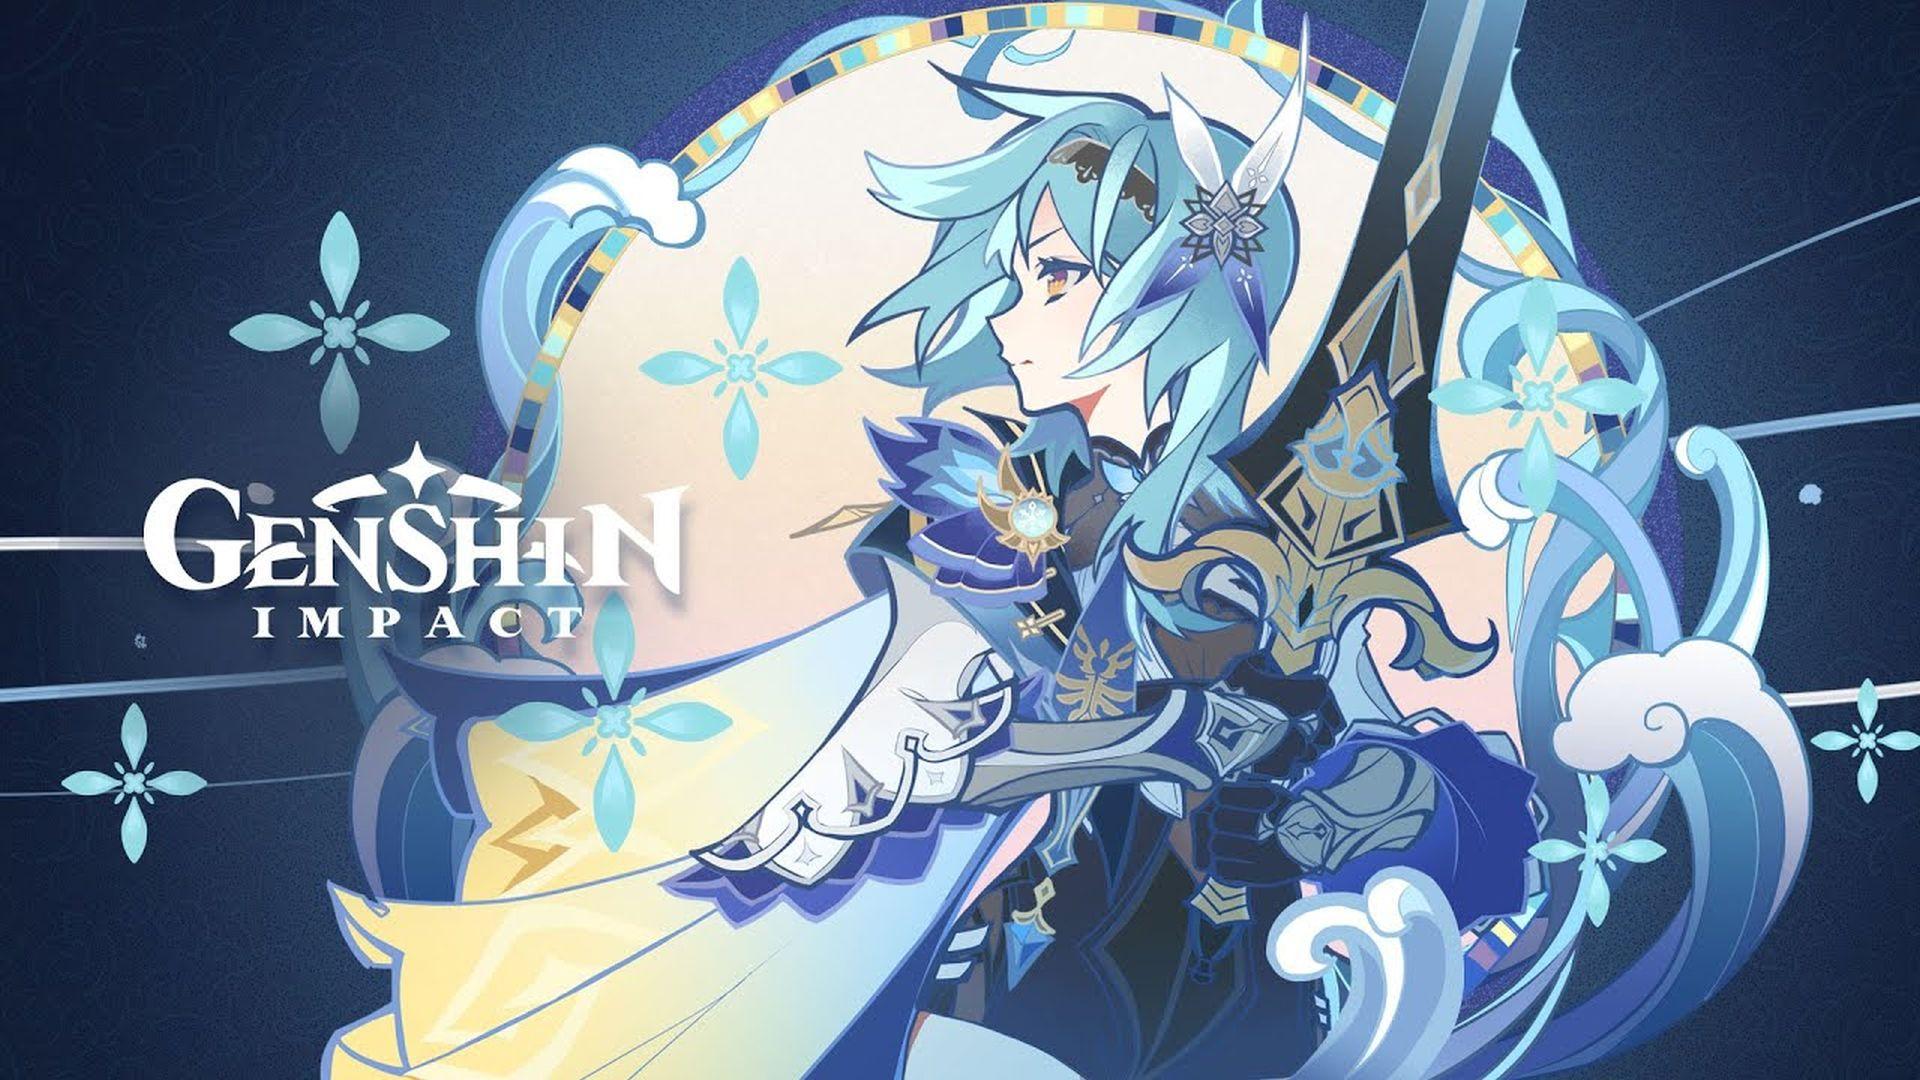 Genshin Impact - Eula